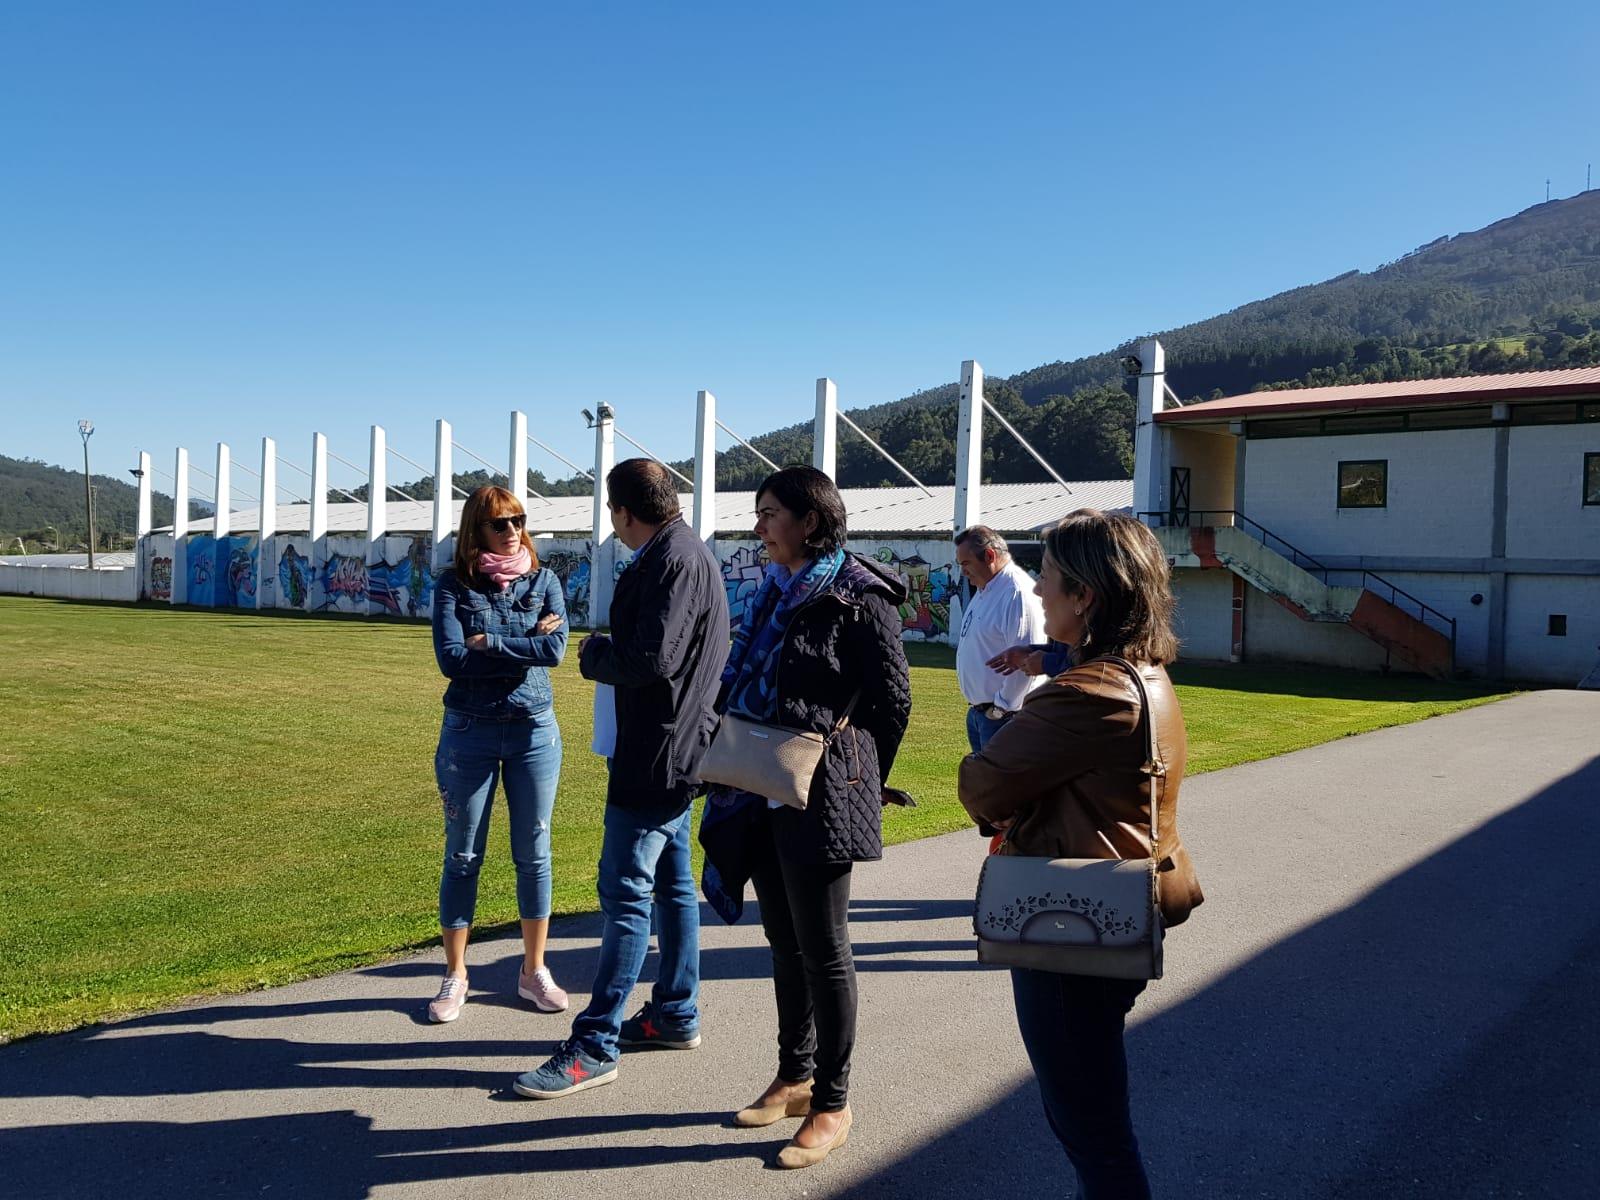 Visita ao campo de fútbol de Viñas da Veiga